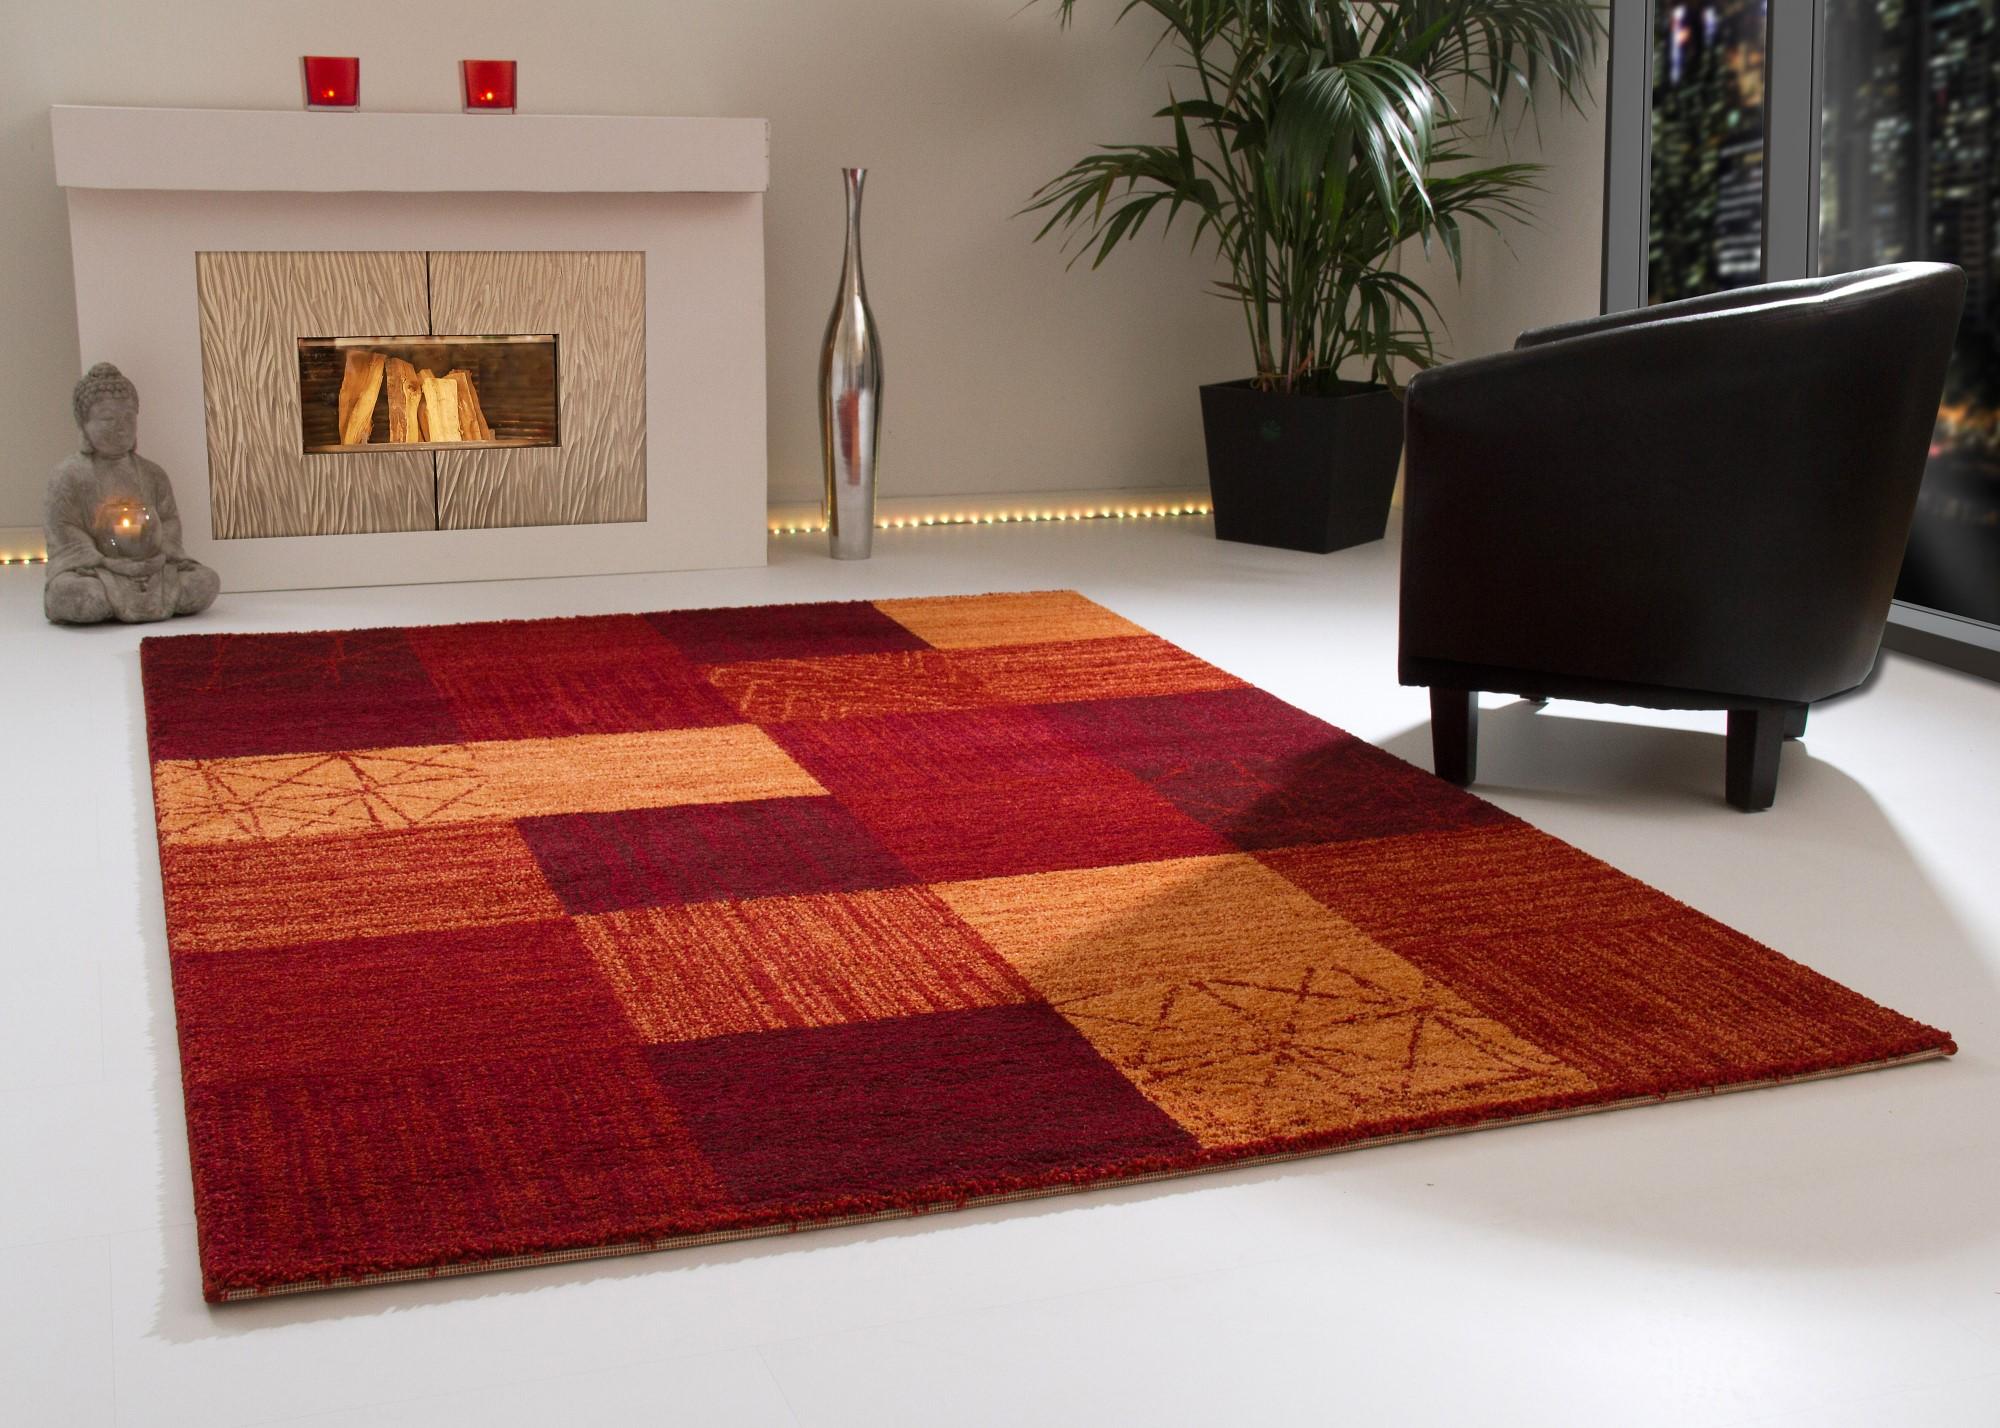 Designer Teppich Modern Dijon Kuschelflor Creme Rot Grau Beige Braun